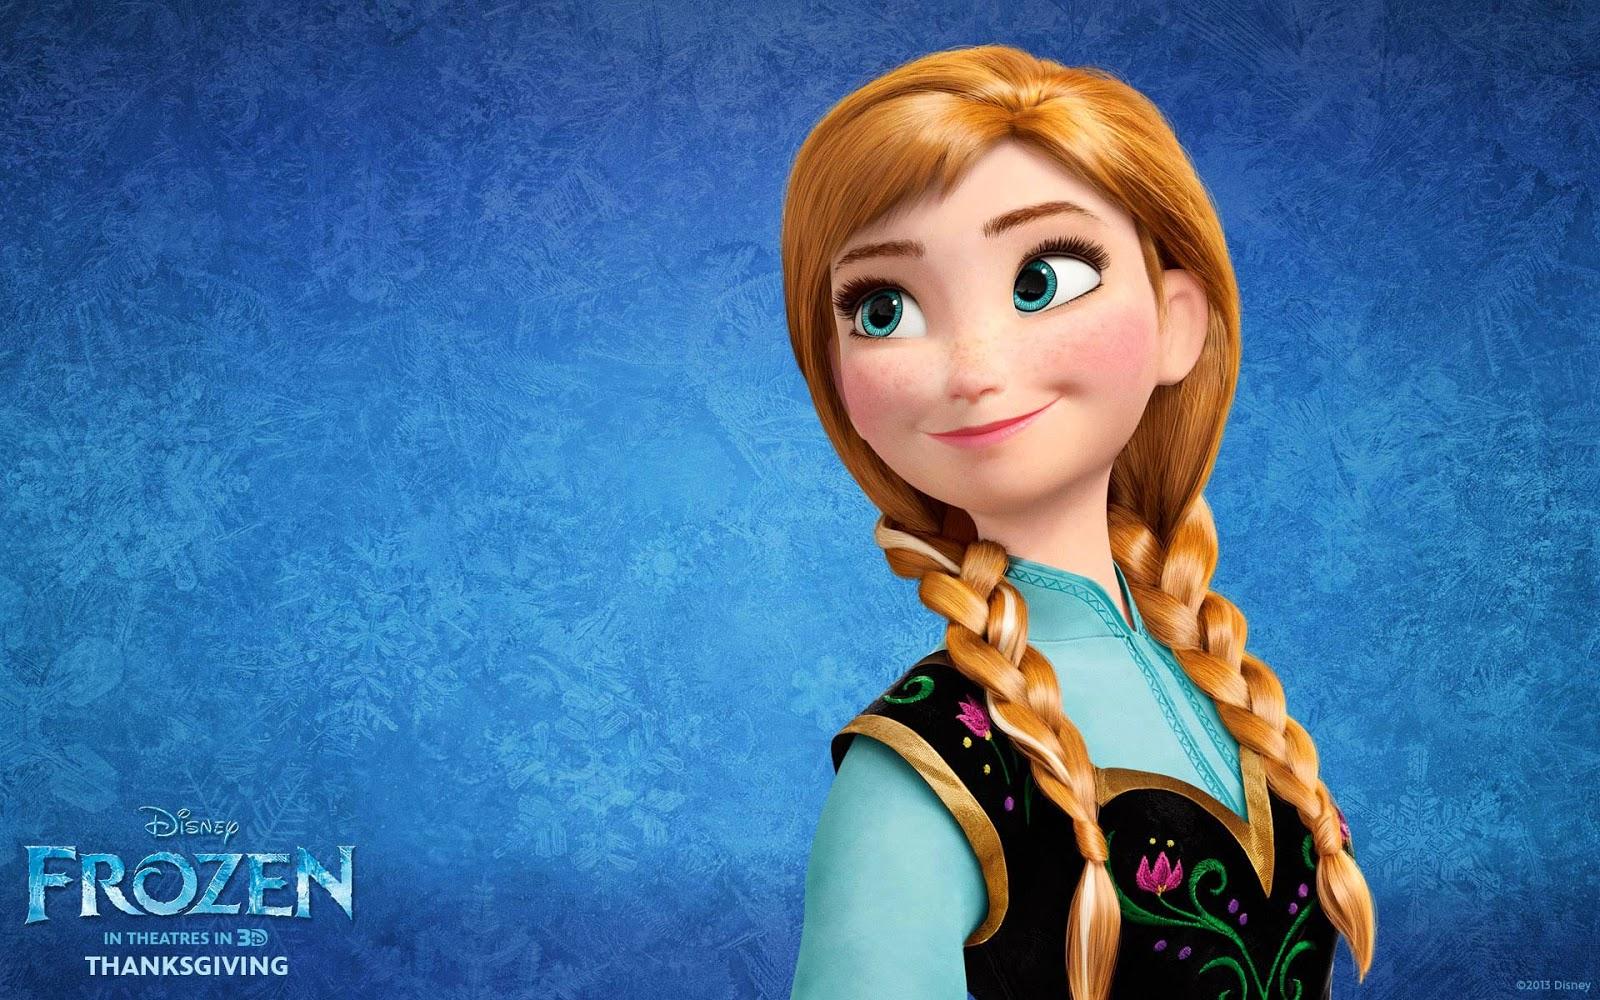 The Frozen Character Anna HD Wallpaper